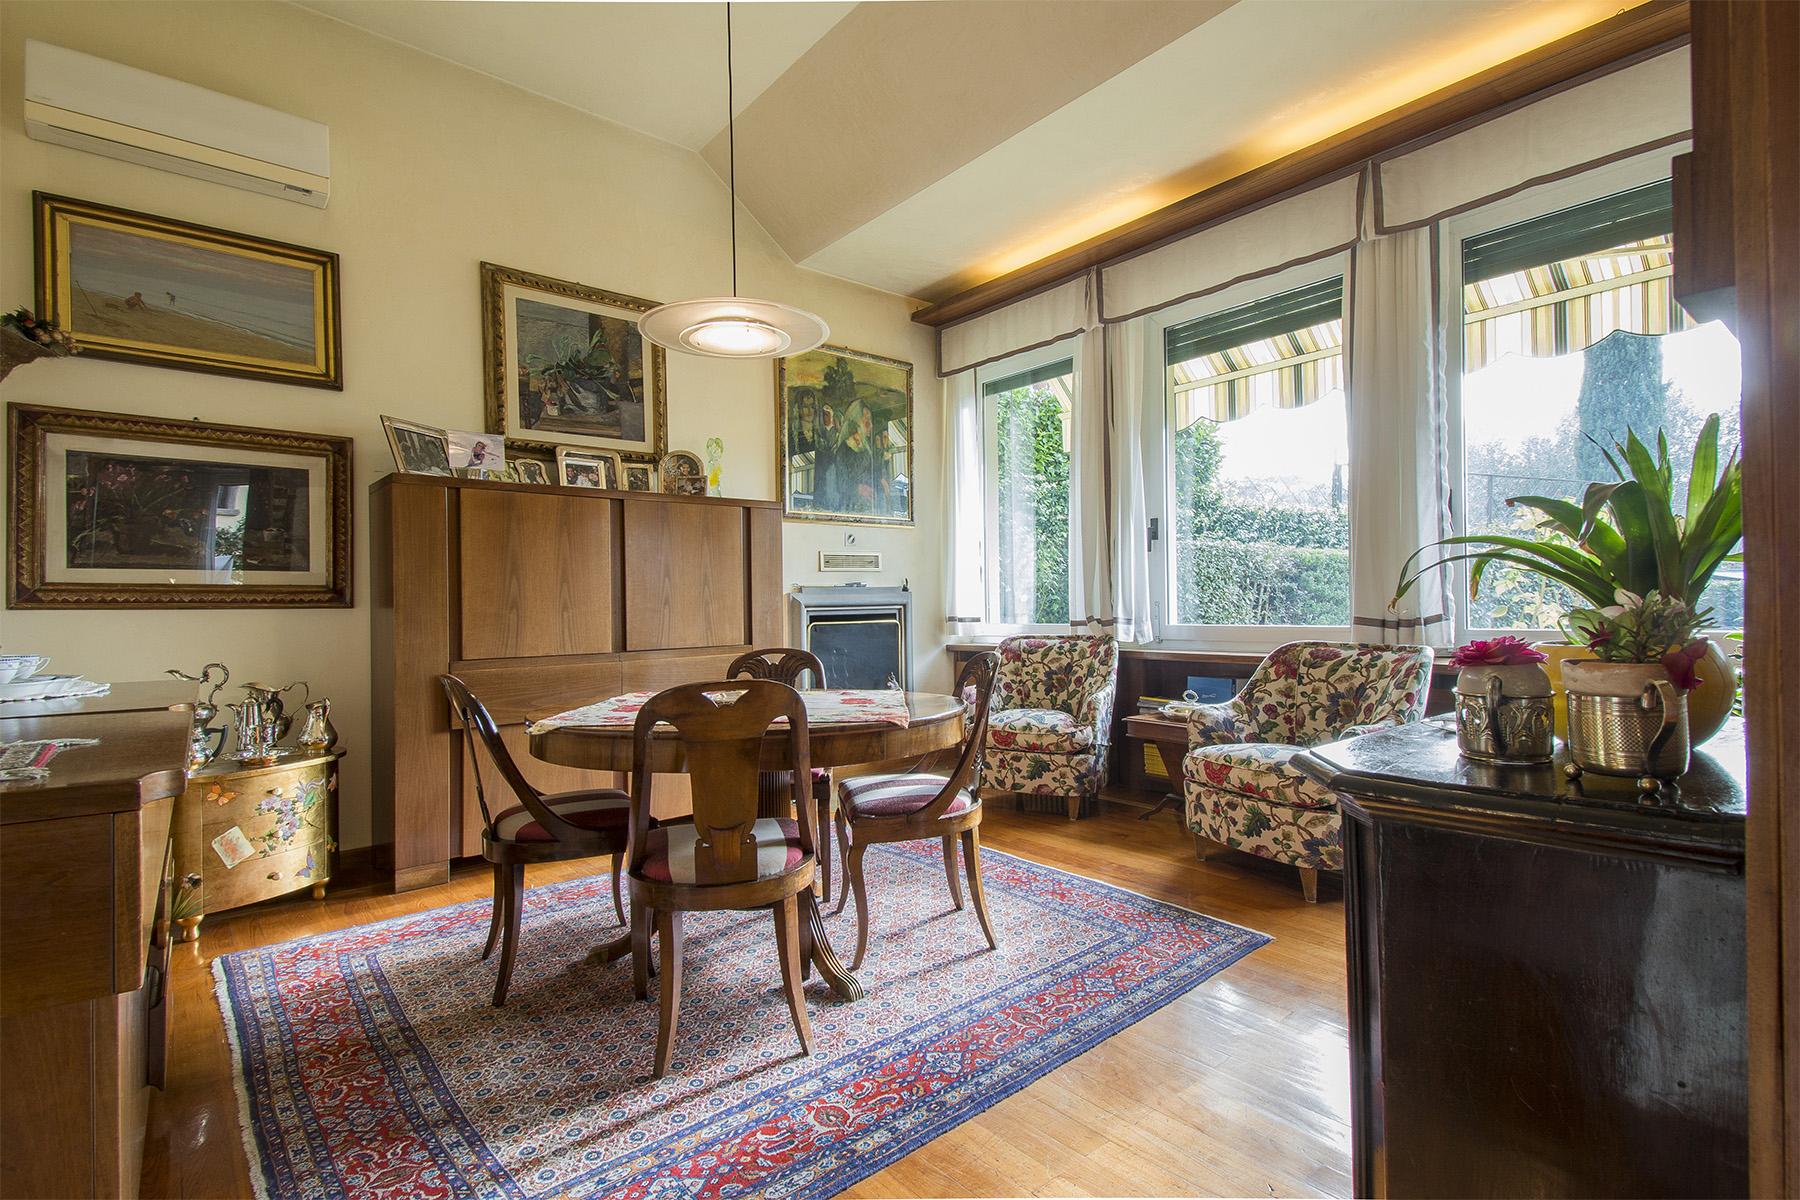 Villa in Vendita a Firenze: 5 locali, 364 mq - Foto 4